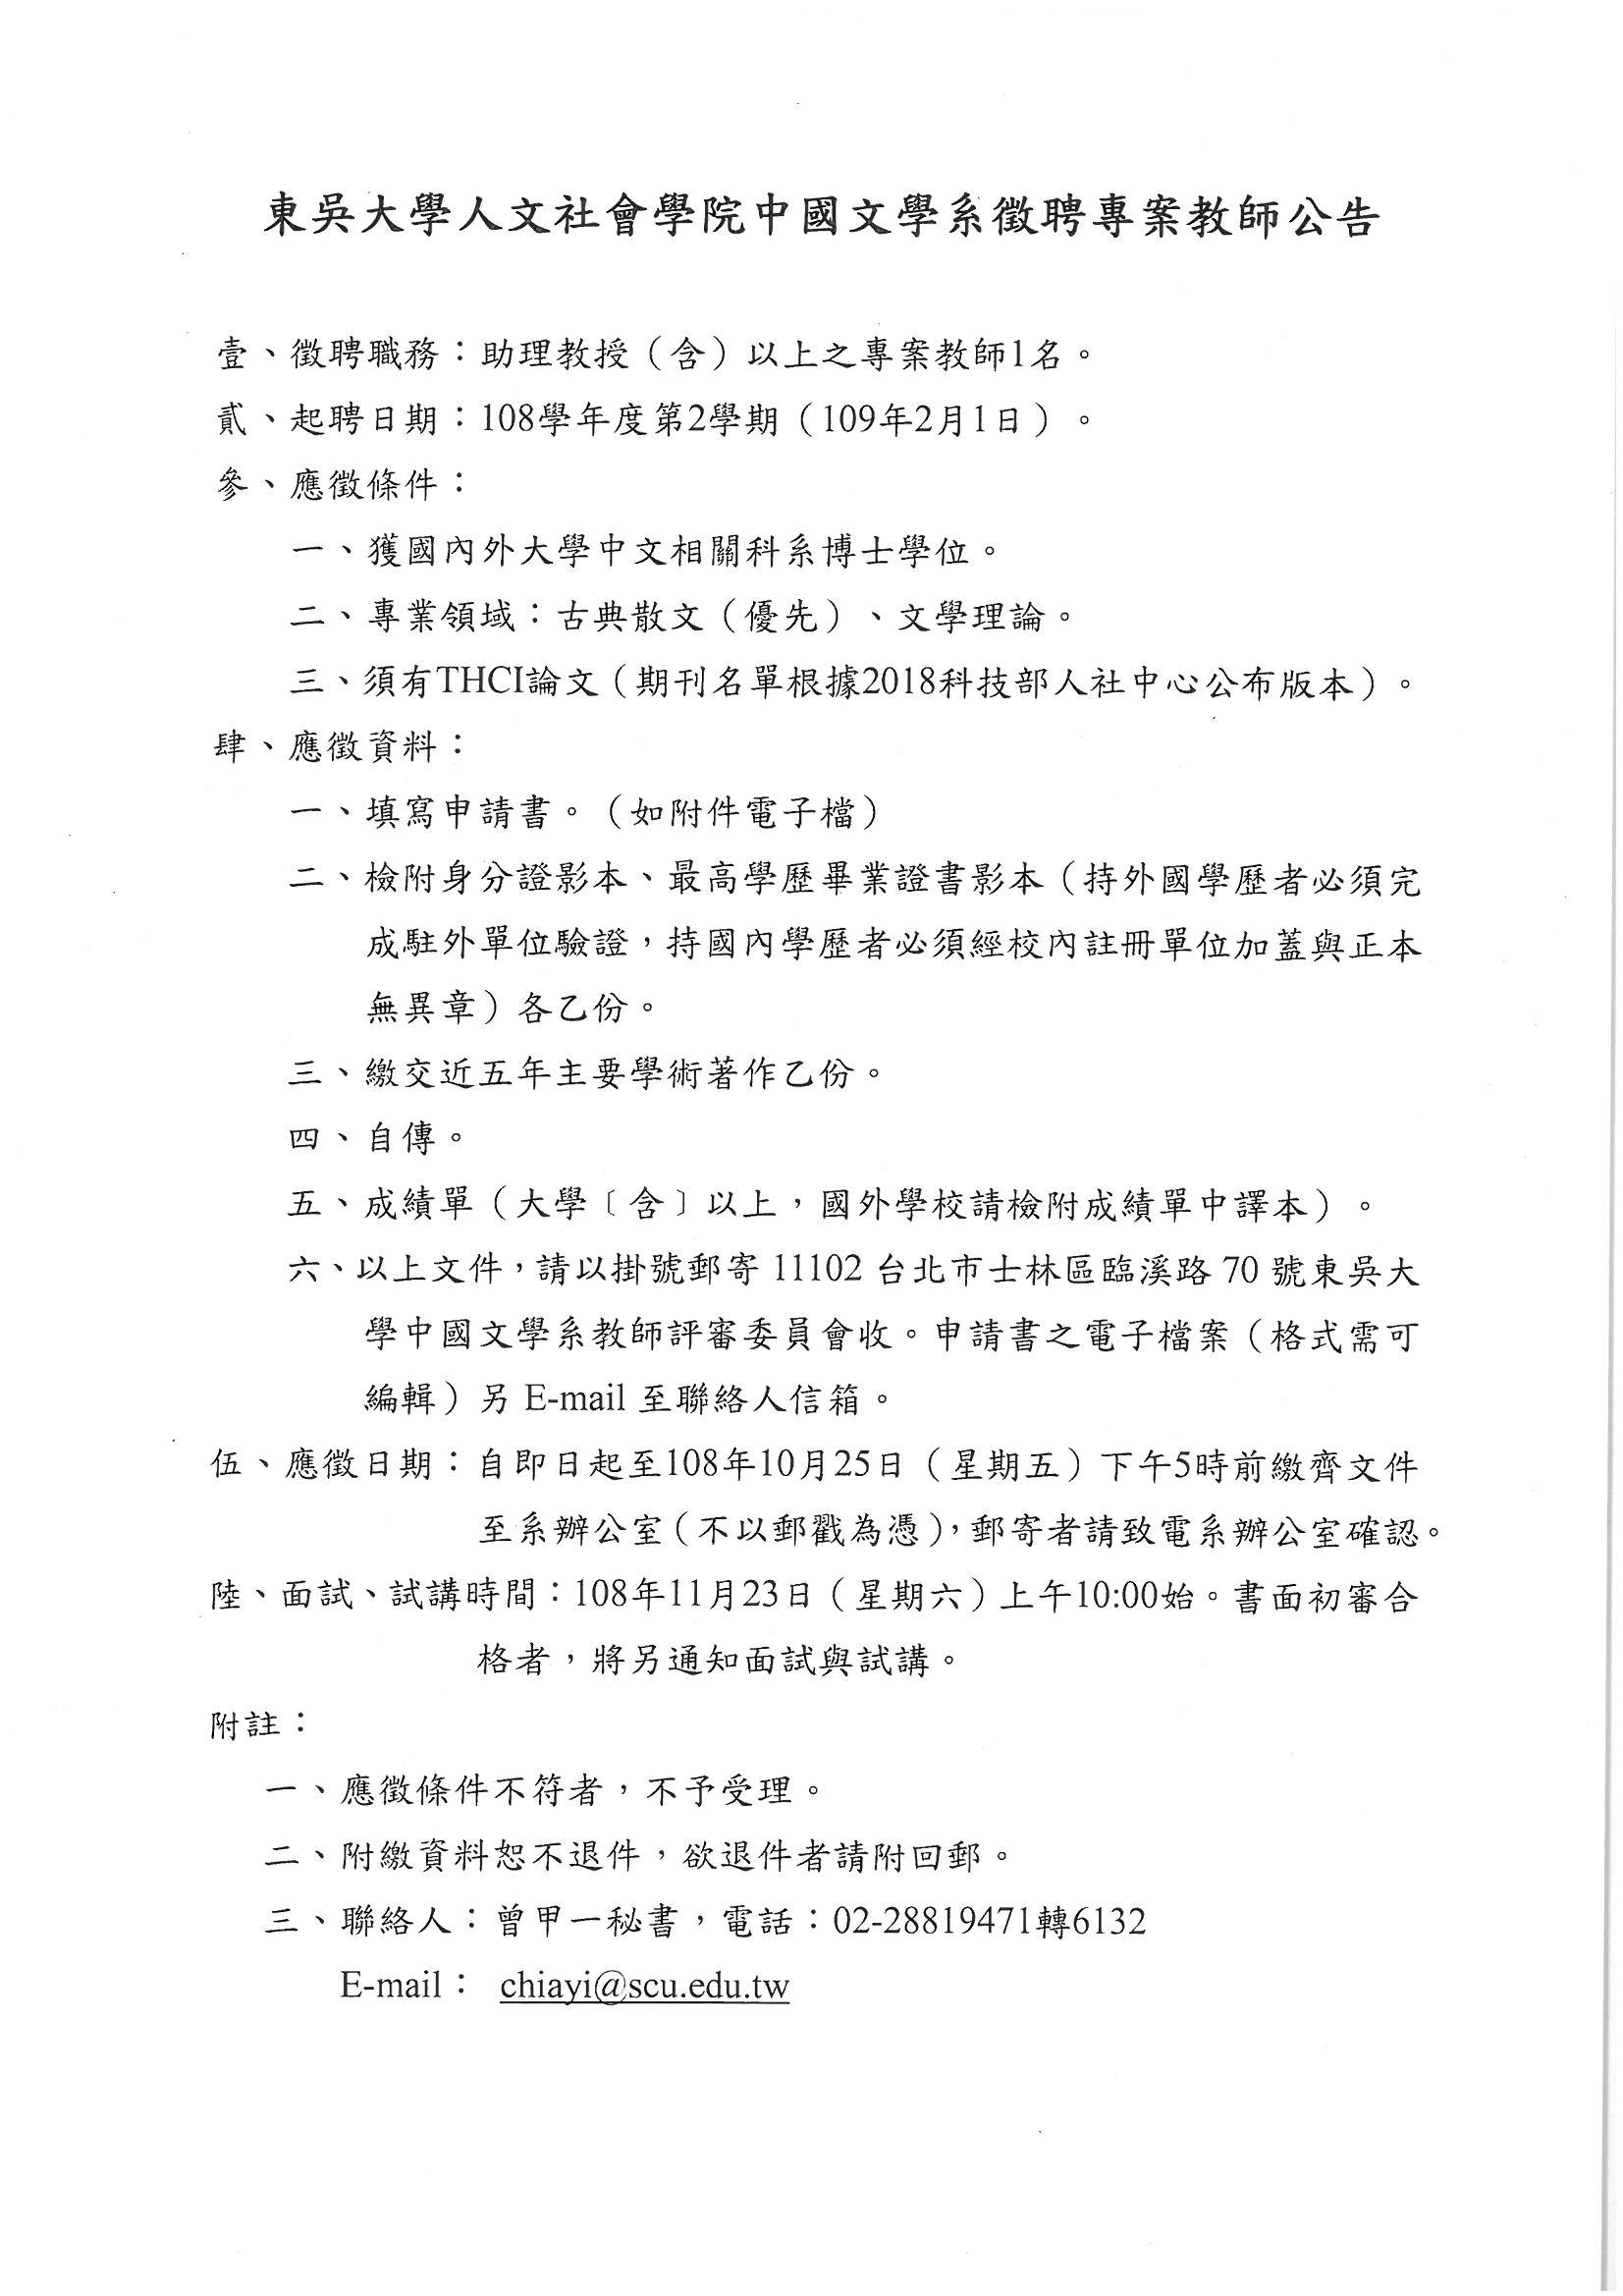 東吳大學人文社會學院中國文學系108學年度第2學期徵聘專案教師公告